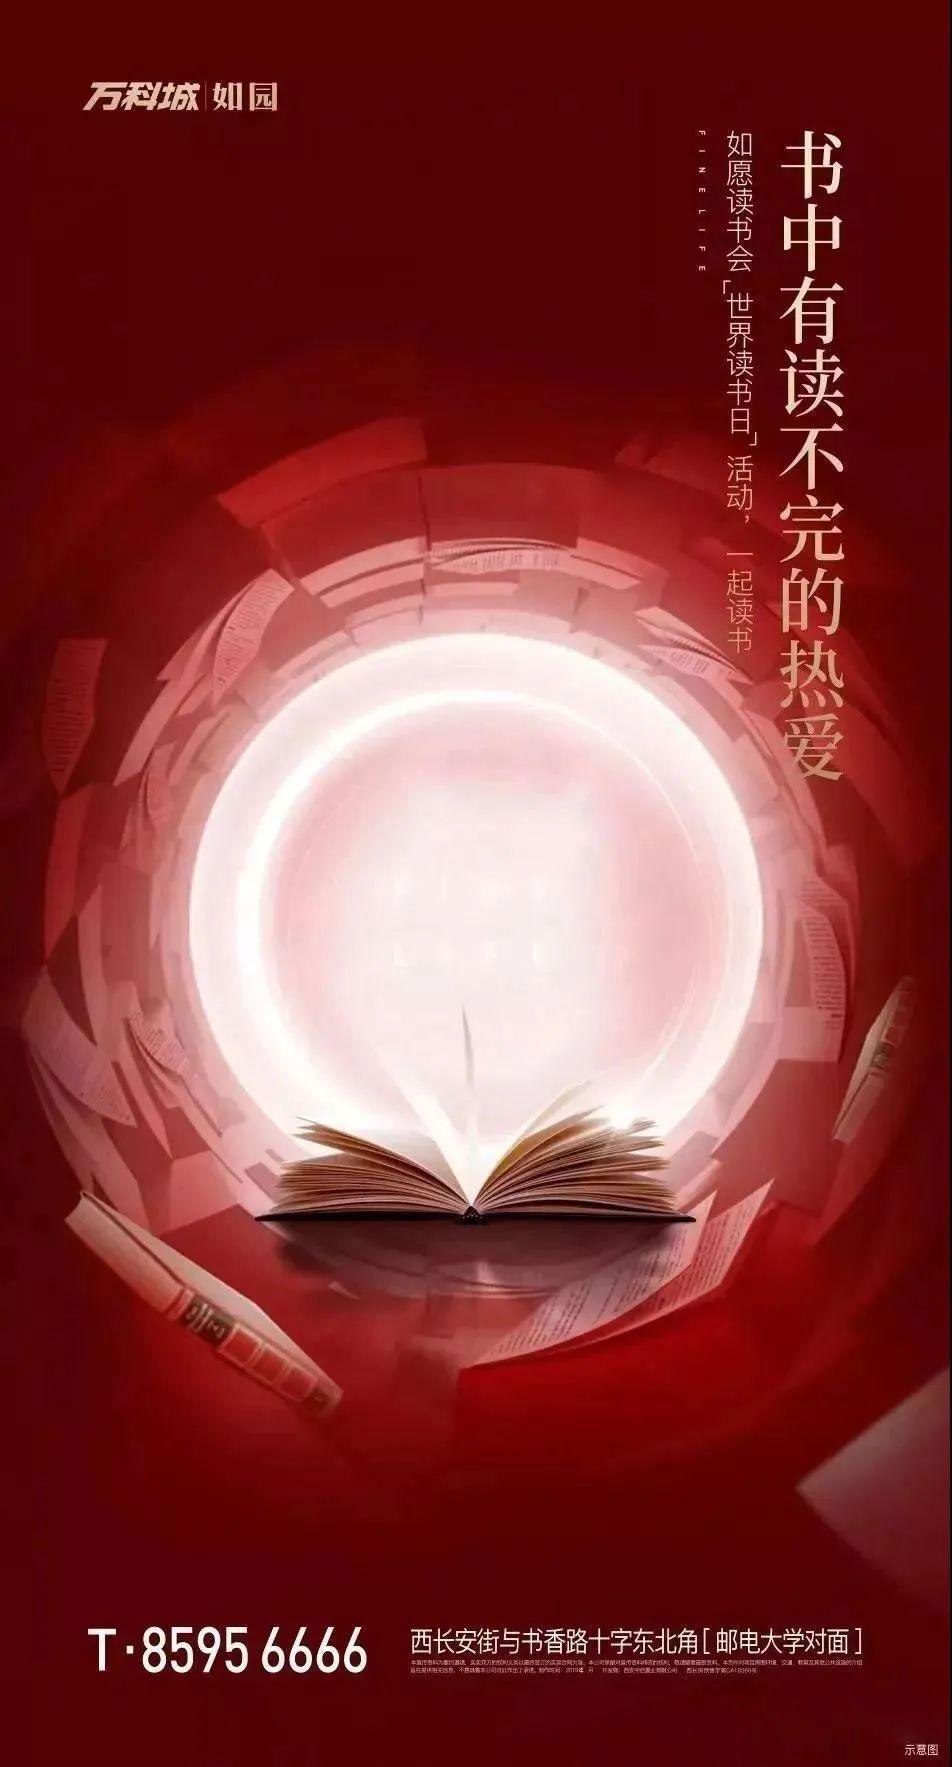 世界读书日文案海报欣赏:别给自己的懒惰找借口!插图14